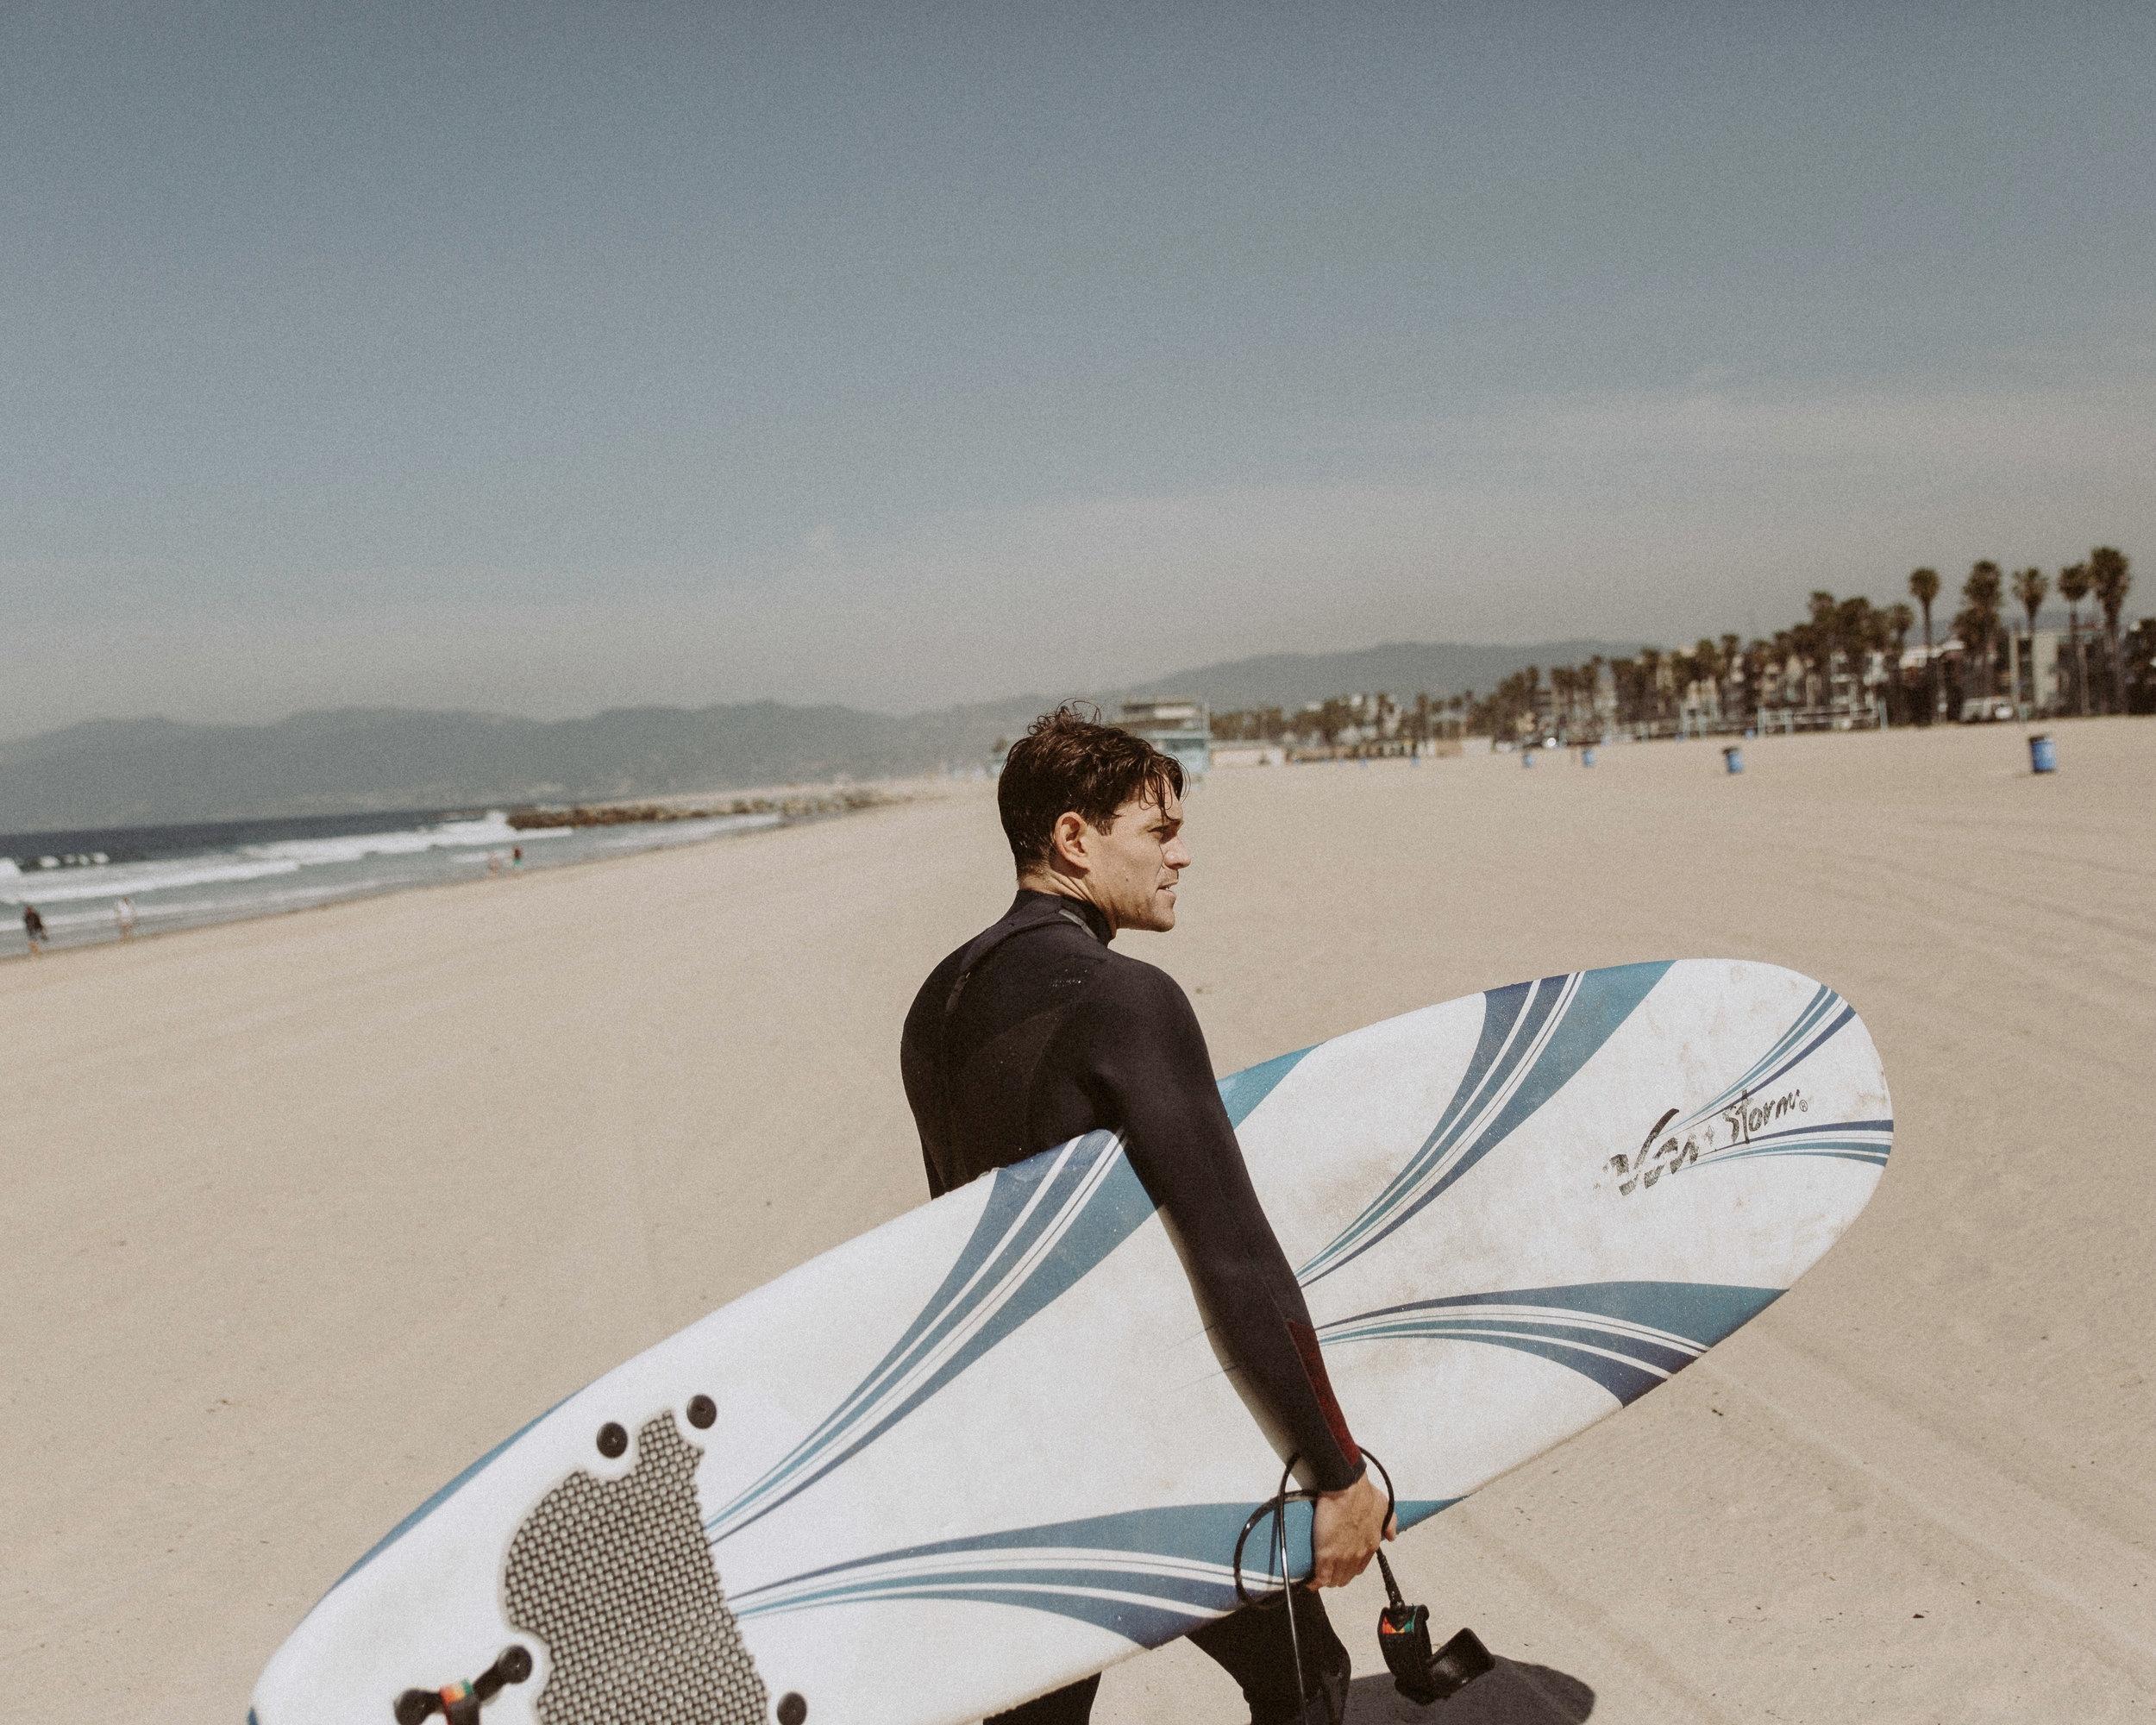 SurfingwithBen (9 of 9).jpg